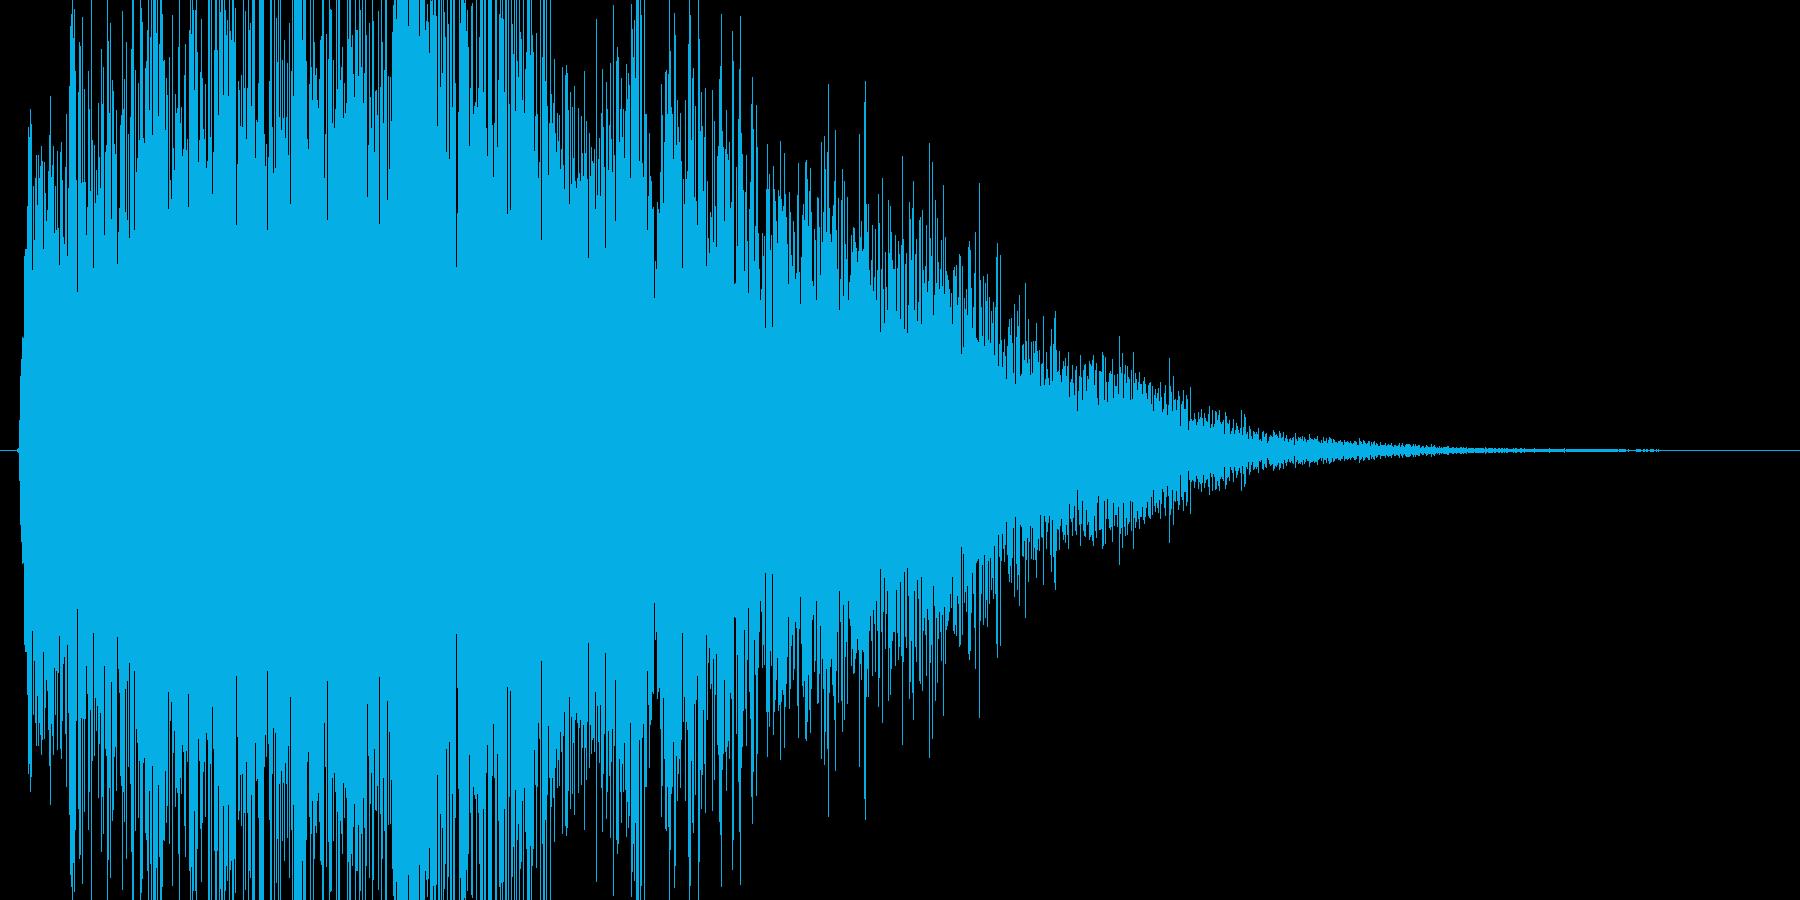 【ギター攻撃(強)】ギュゥウィイイン!!の再生済みの波形